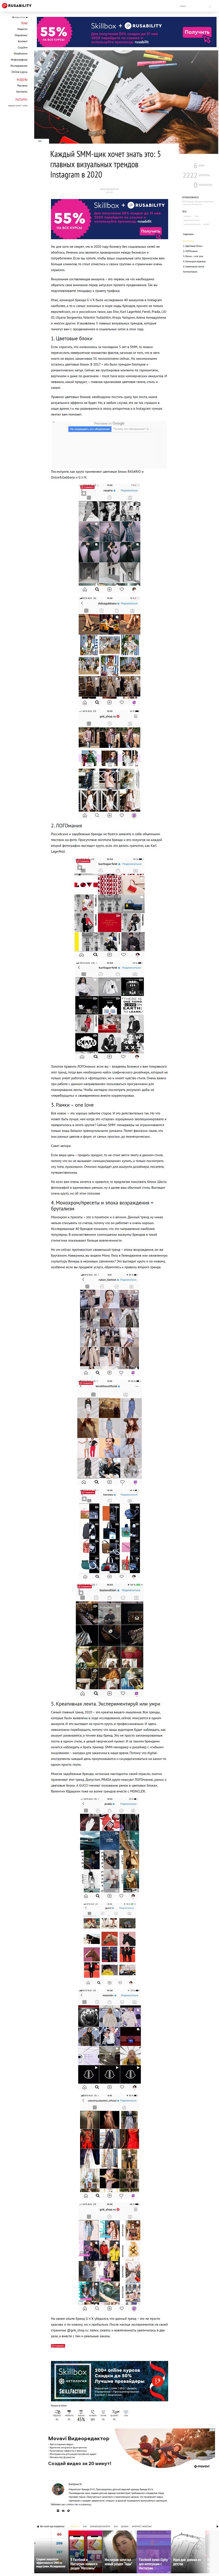 Популярный портал о маркетинге и продажам rusability.ru опубликовал исследование от G'n'K